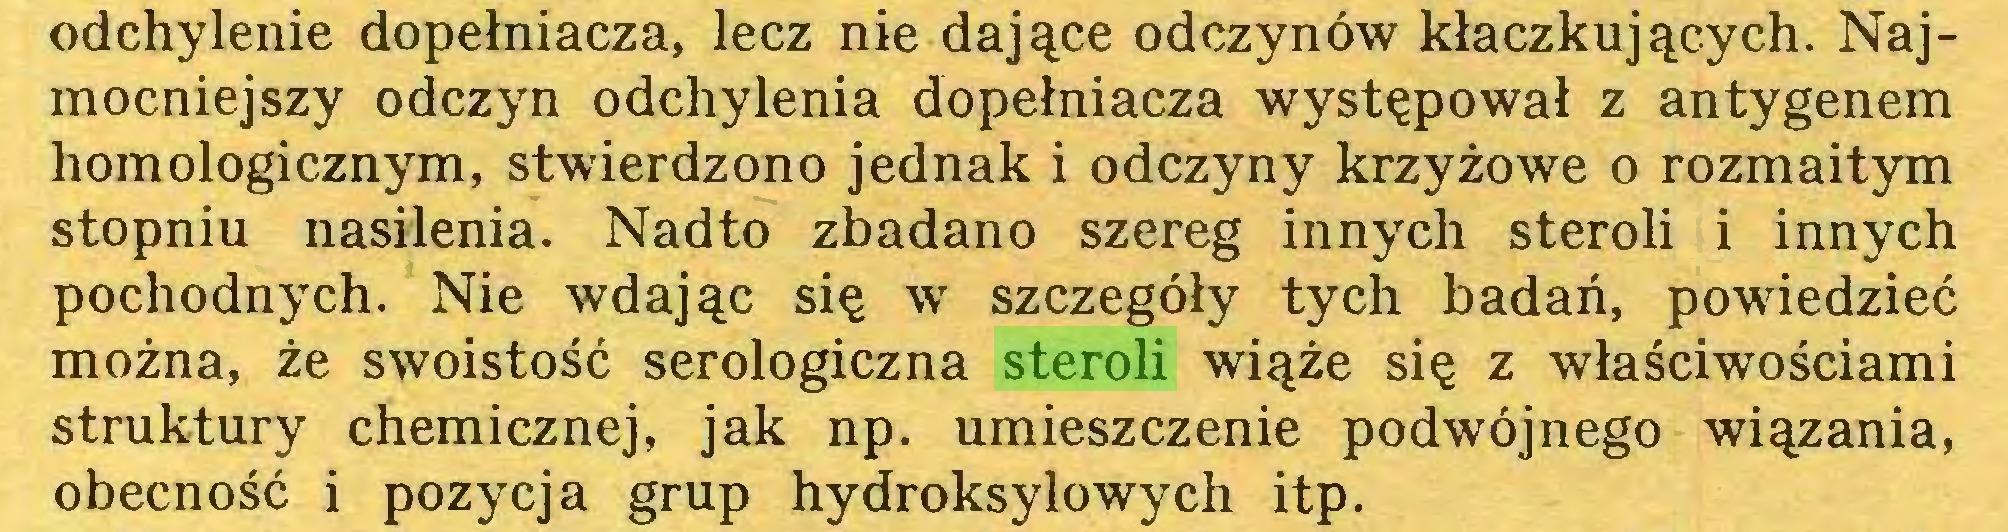 (...) odchylenie dopełniacza, lecz nie dające odczynów kłaczkujących. Najmocniejszy odczyn odchylenia dopełniacza występował z antygenem homologicznym, stwierdzono jednak i odczyny krzyżowe o rozmaitym stopniu nasilenia. Nadto zbadano szereg innych steroli i innych pochodnych. Nie wdając się w szczegóły tych badań, powiedzieć można, że swoistość serologiczna steroli wiąże się z właściwościami struktury chemicznej, jak np. umieszczenie podwójnego wiązania, obecność i pozycja grup hydroksylowych itp...